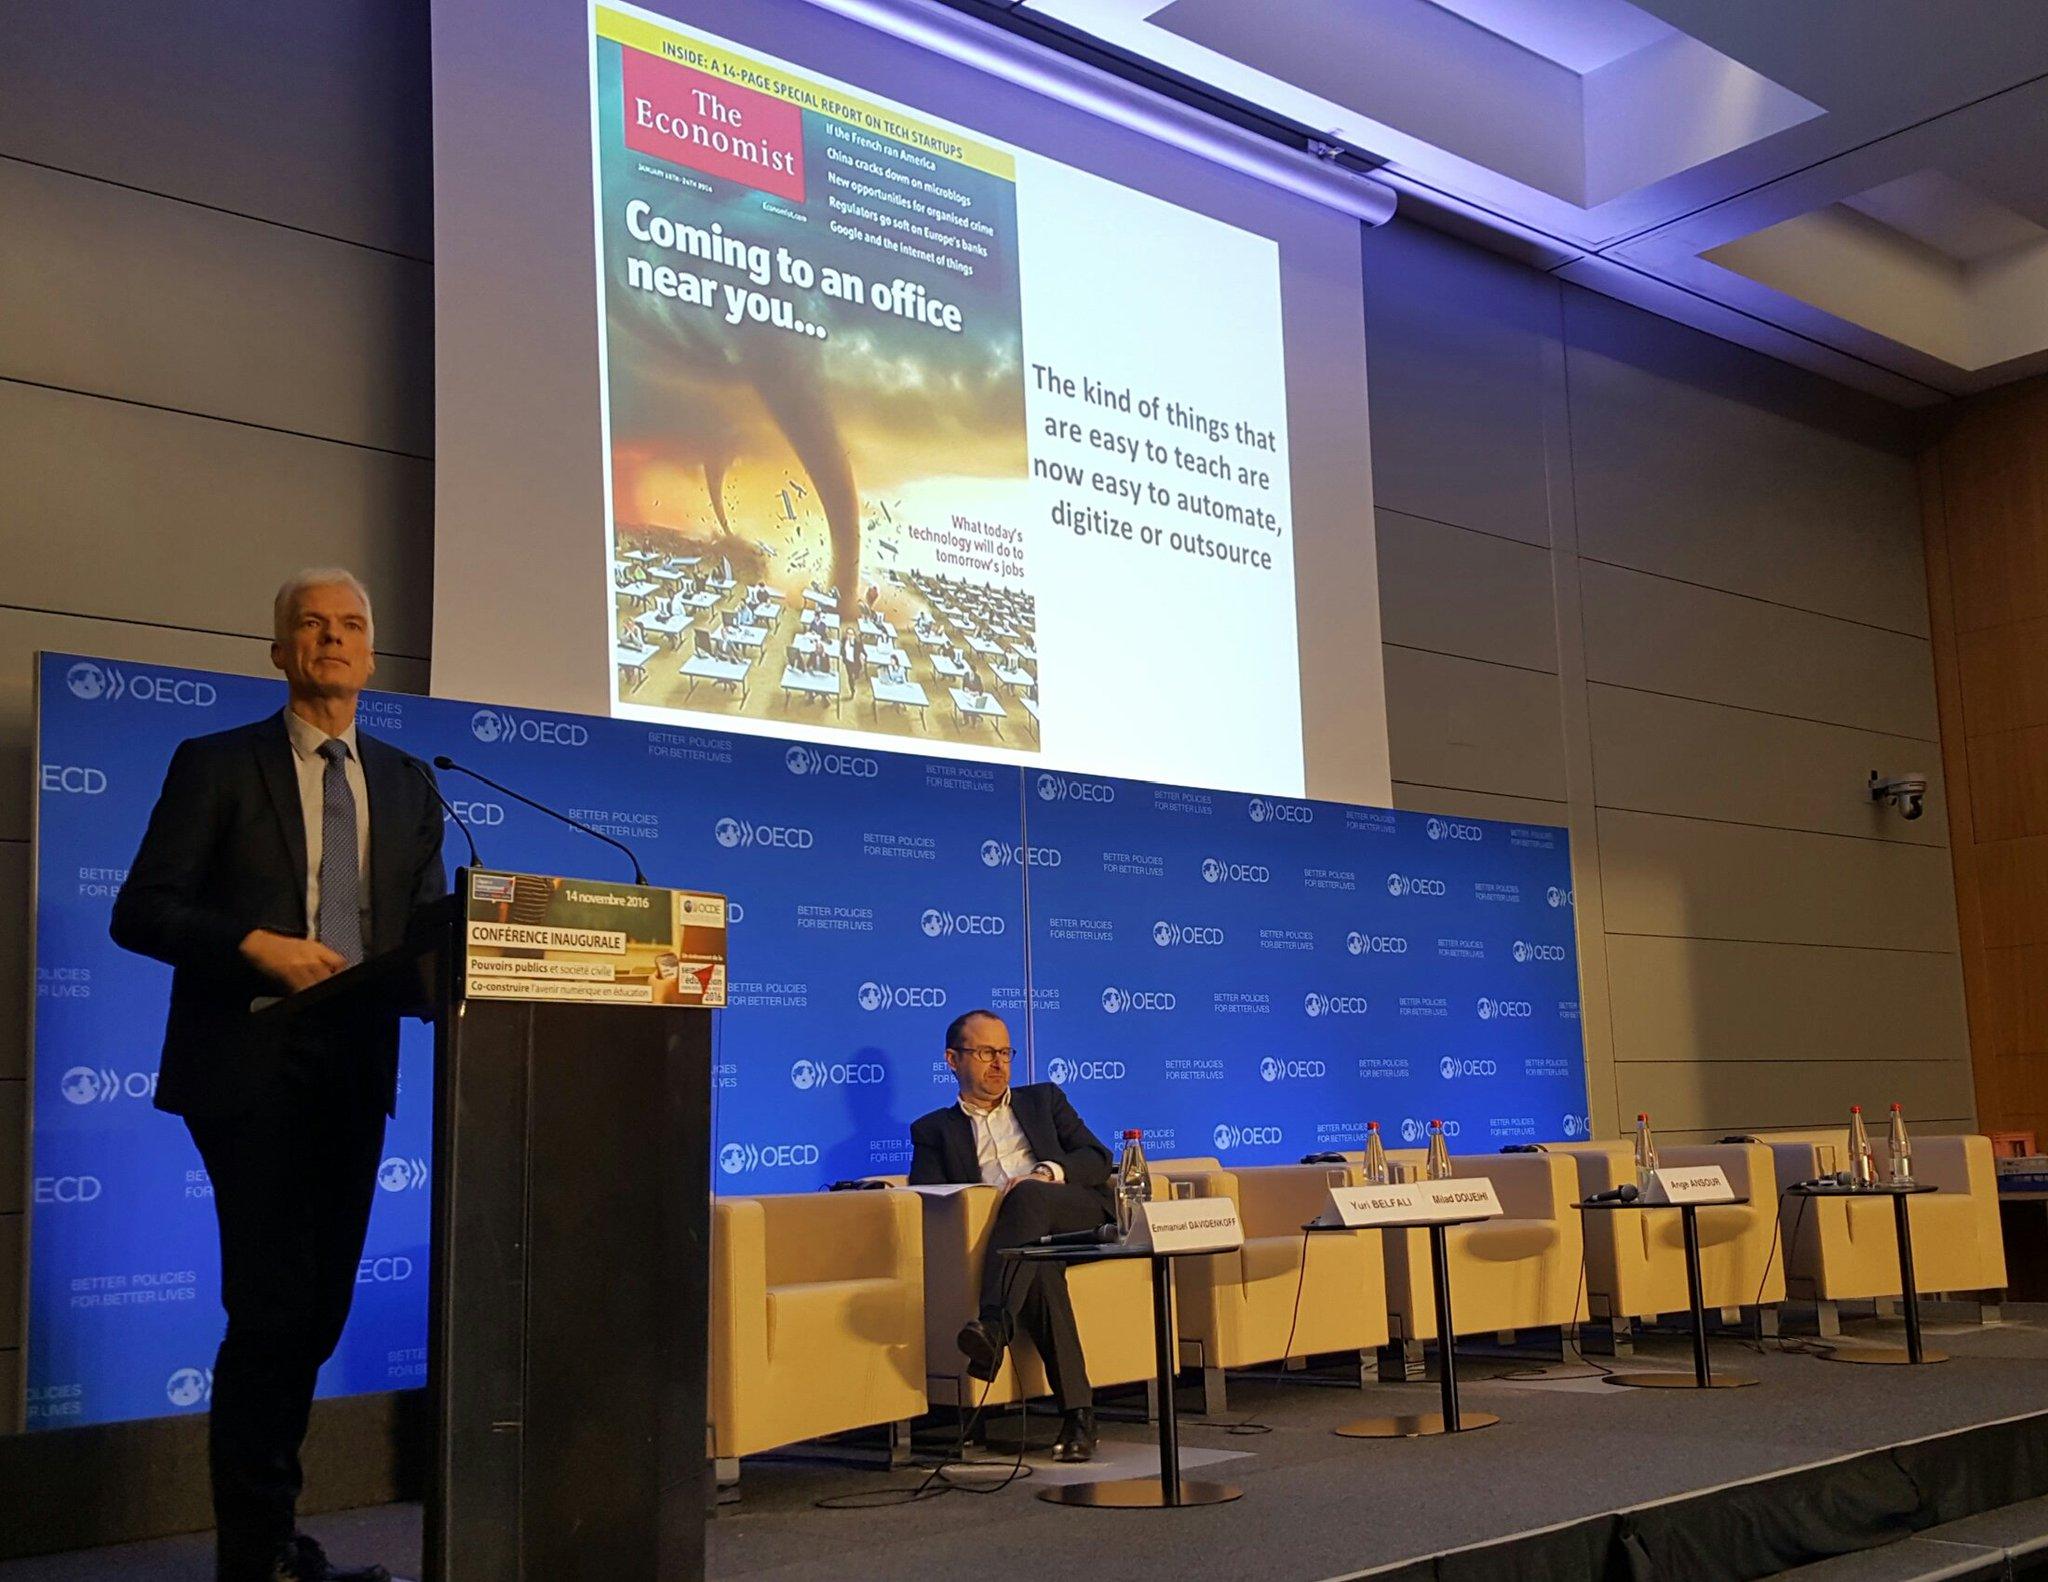 #ParisEdWeek Andreas @SchleicherOECD est directeur de la direction de l'éducation et des compétences @OECD https://t.co/w61pIImpd3